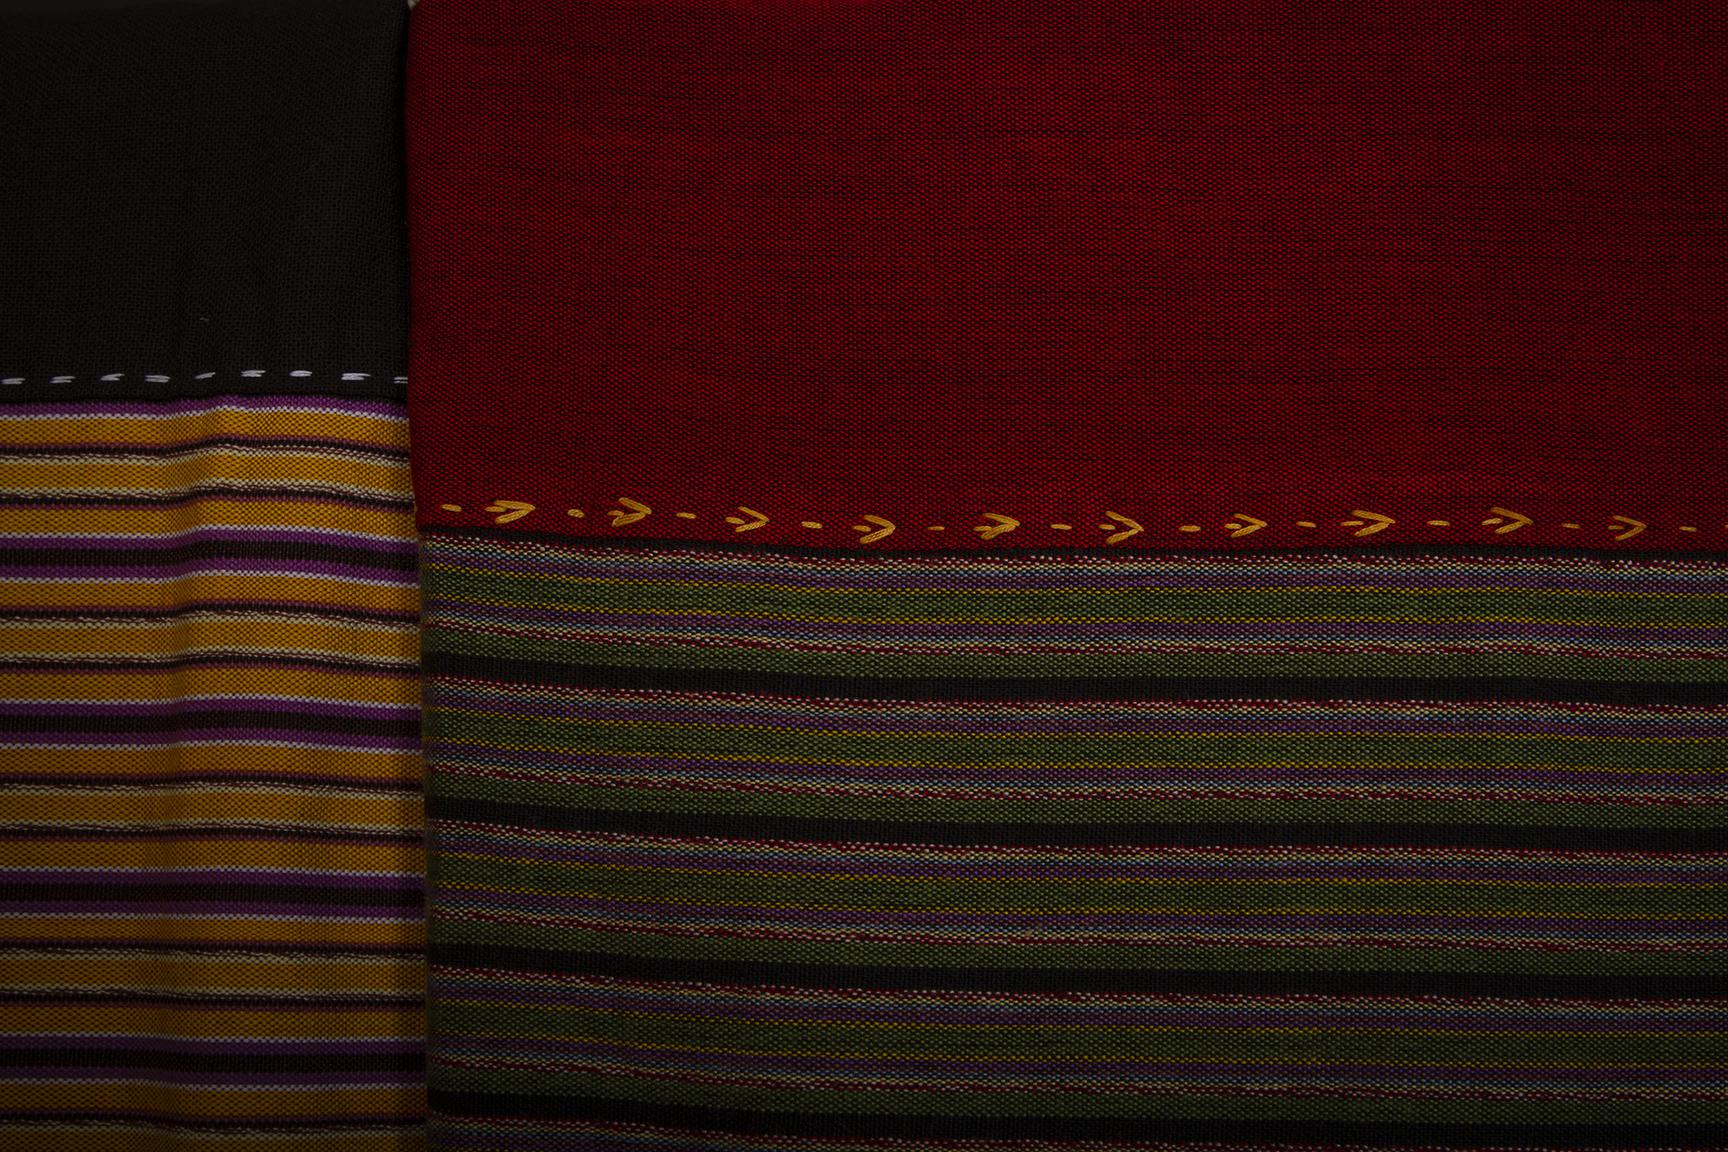 Thai Style Studio 1984 ซิ่น / ล้านนากับผ้าซิ่น / ภูมิปัญญาผ้าพื้นเมืองล้านนา 13